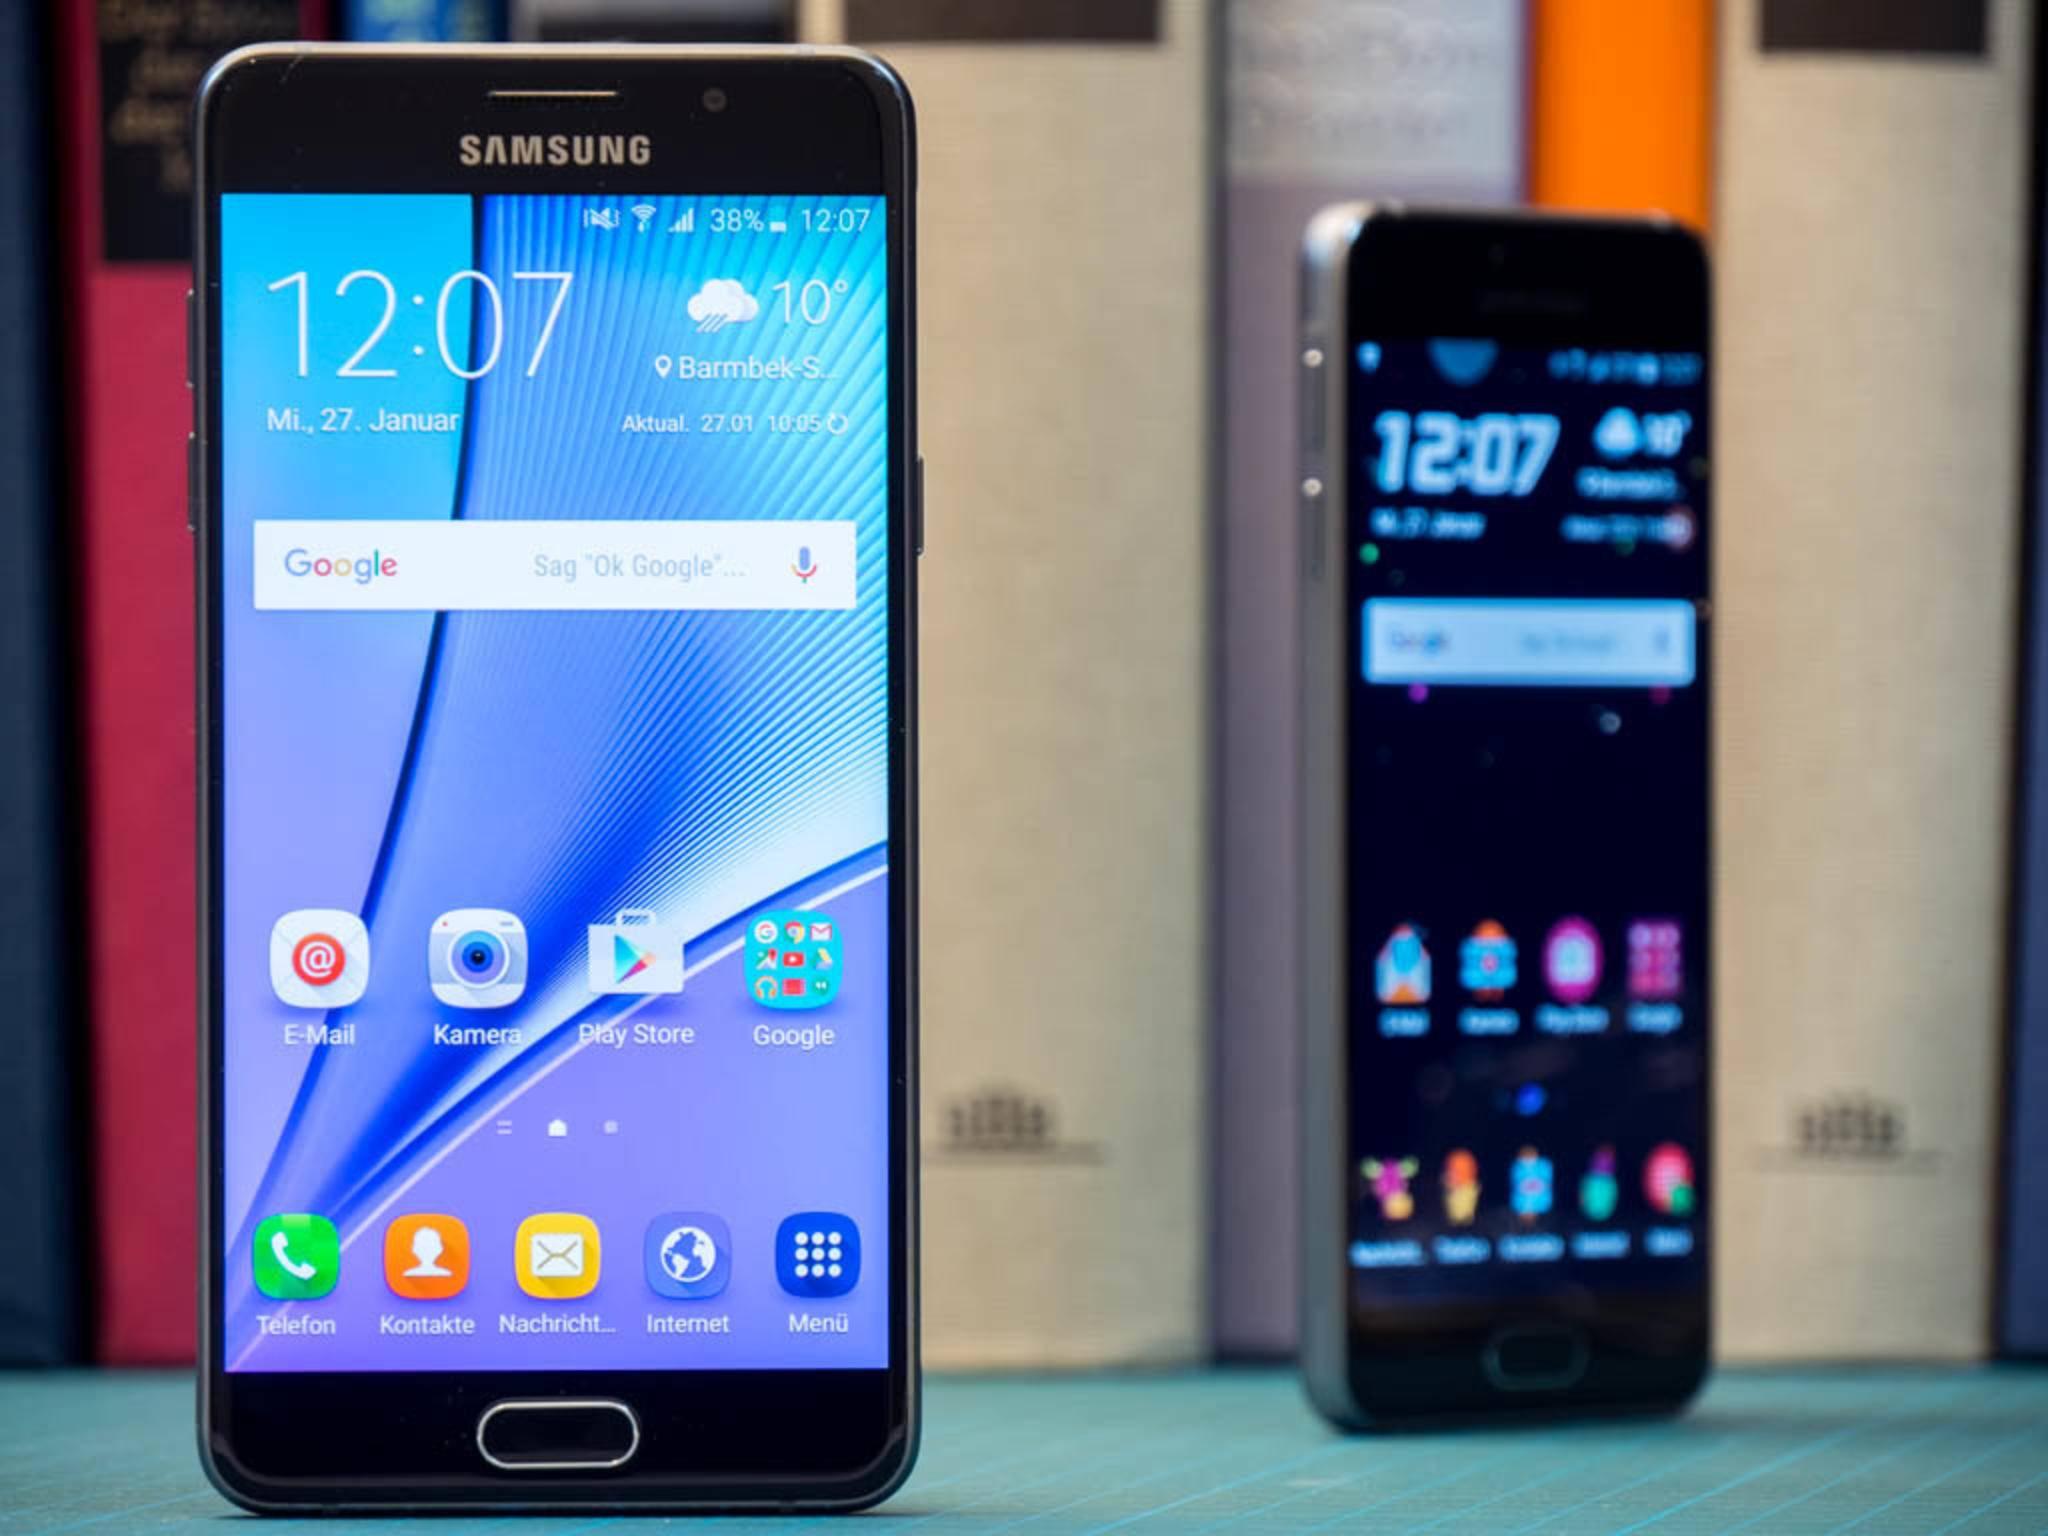 Samsung Galaxy A3 Samsung Galaxy A5